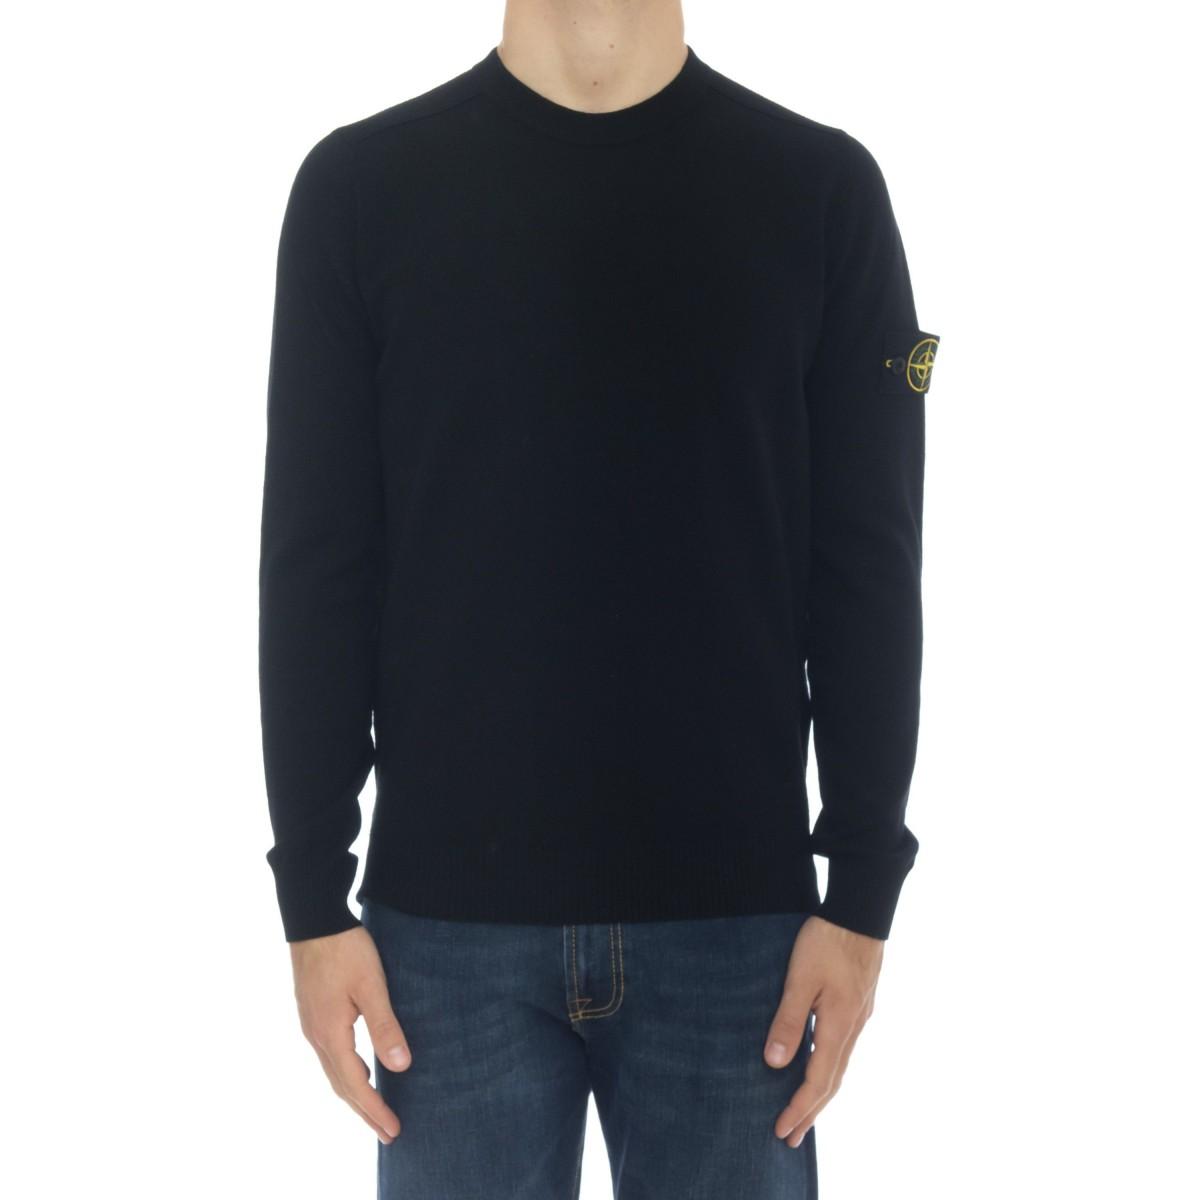 Maglia uomo - 591A1 maglia lana strech leggera